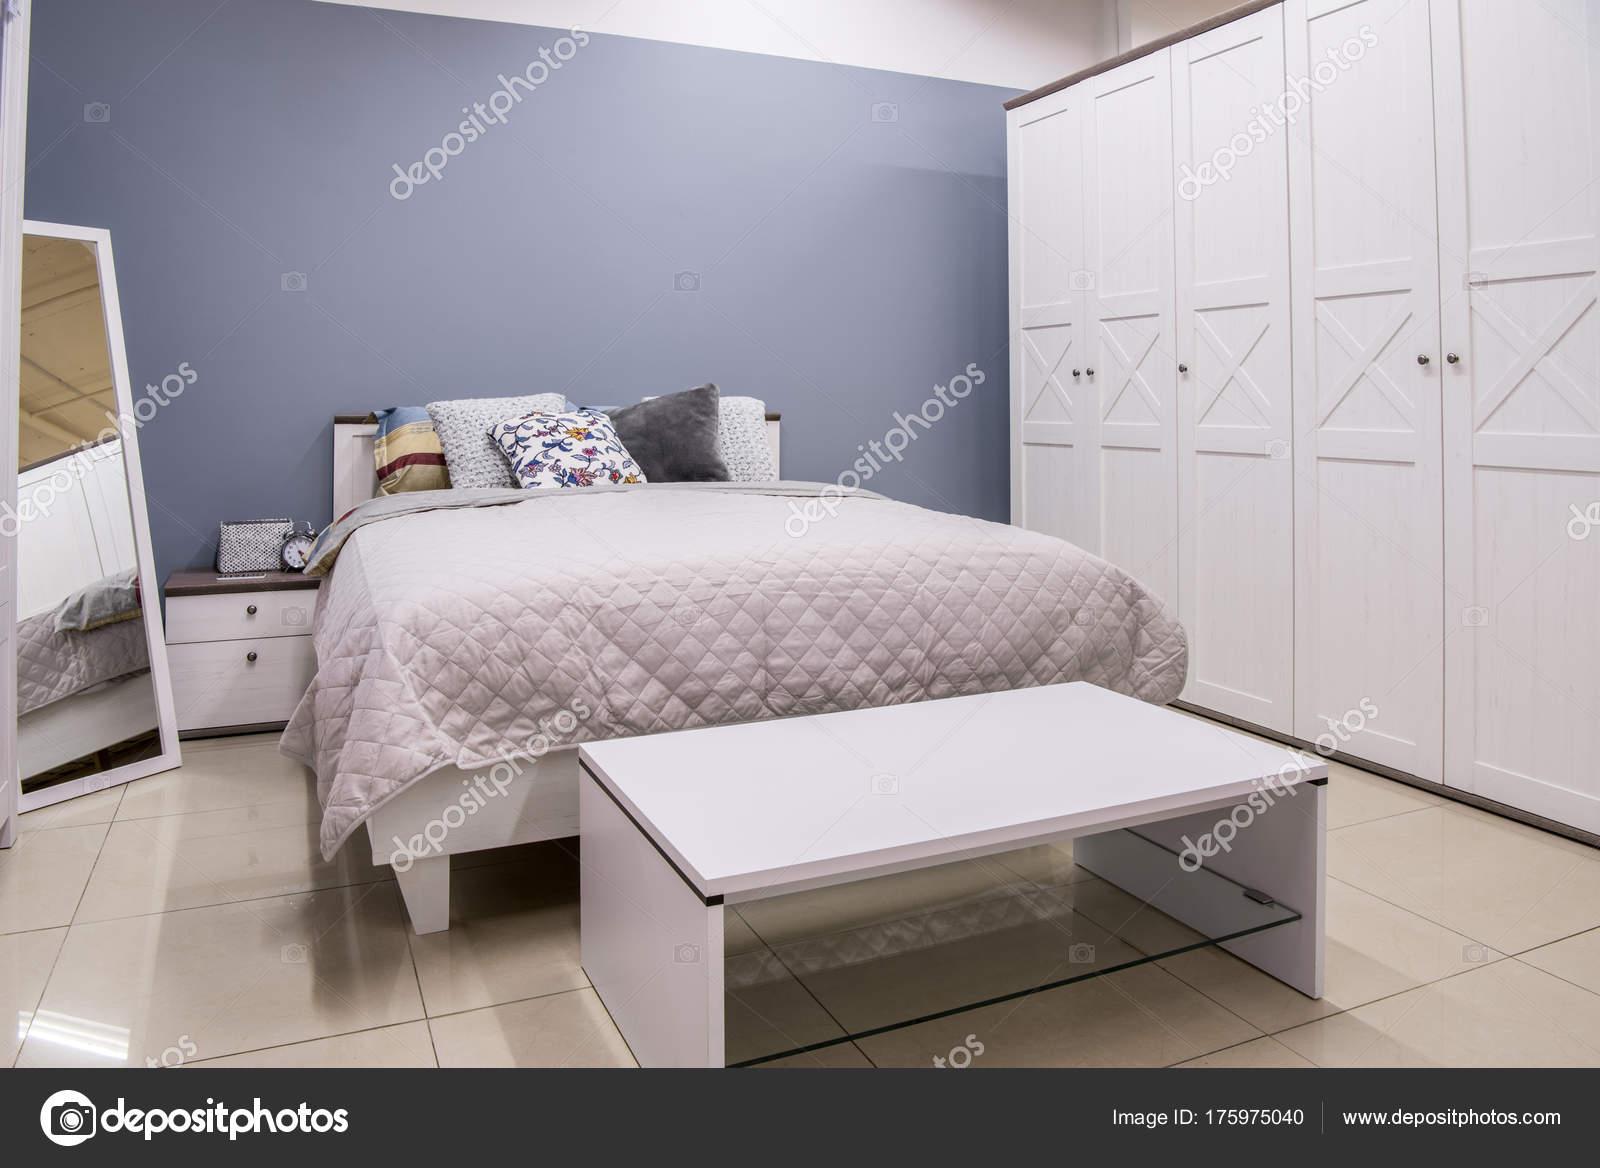 Schlafzimmer bett modern  Gemütliche Moderne Schlafzimmer Innenraum Mit Bett — Stockfoto ...